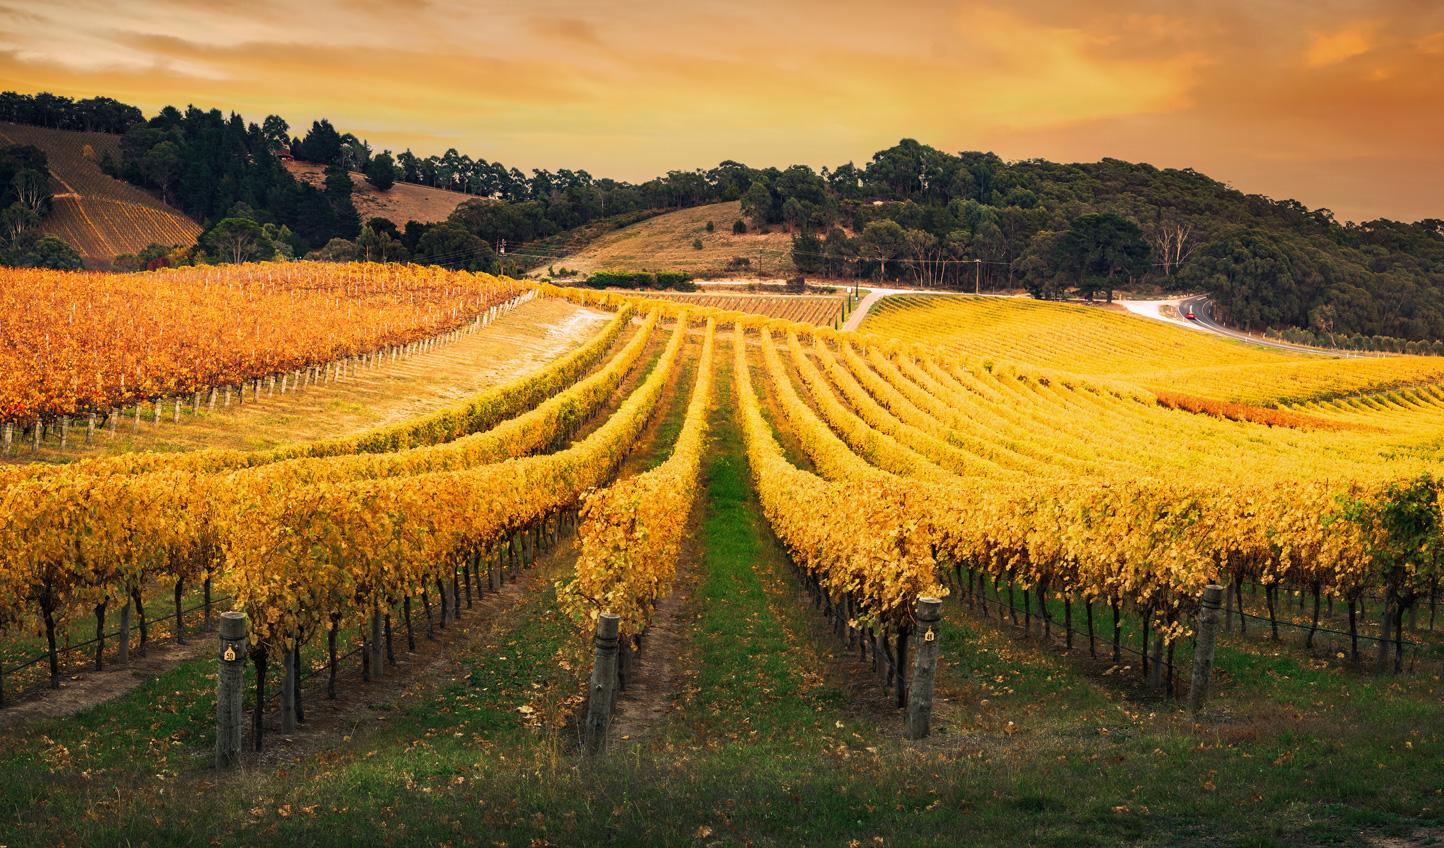 Stroll through endless vines